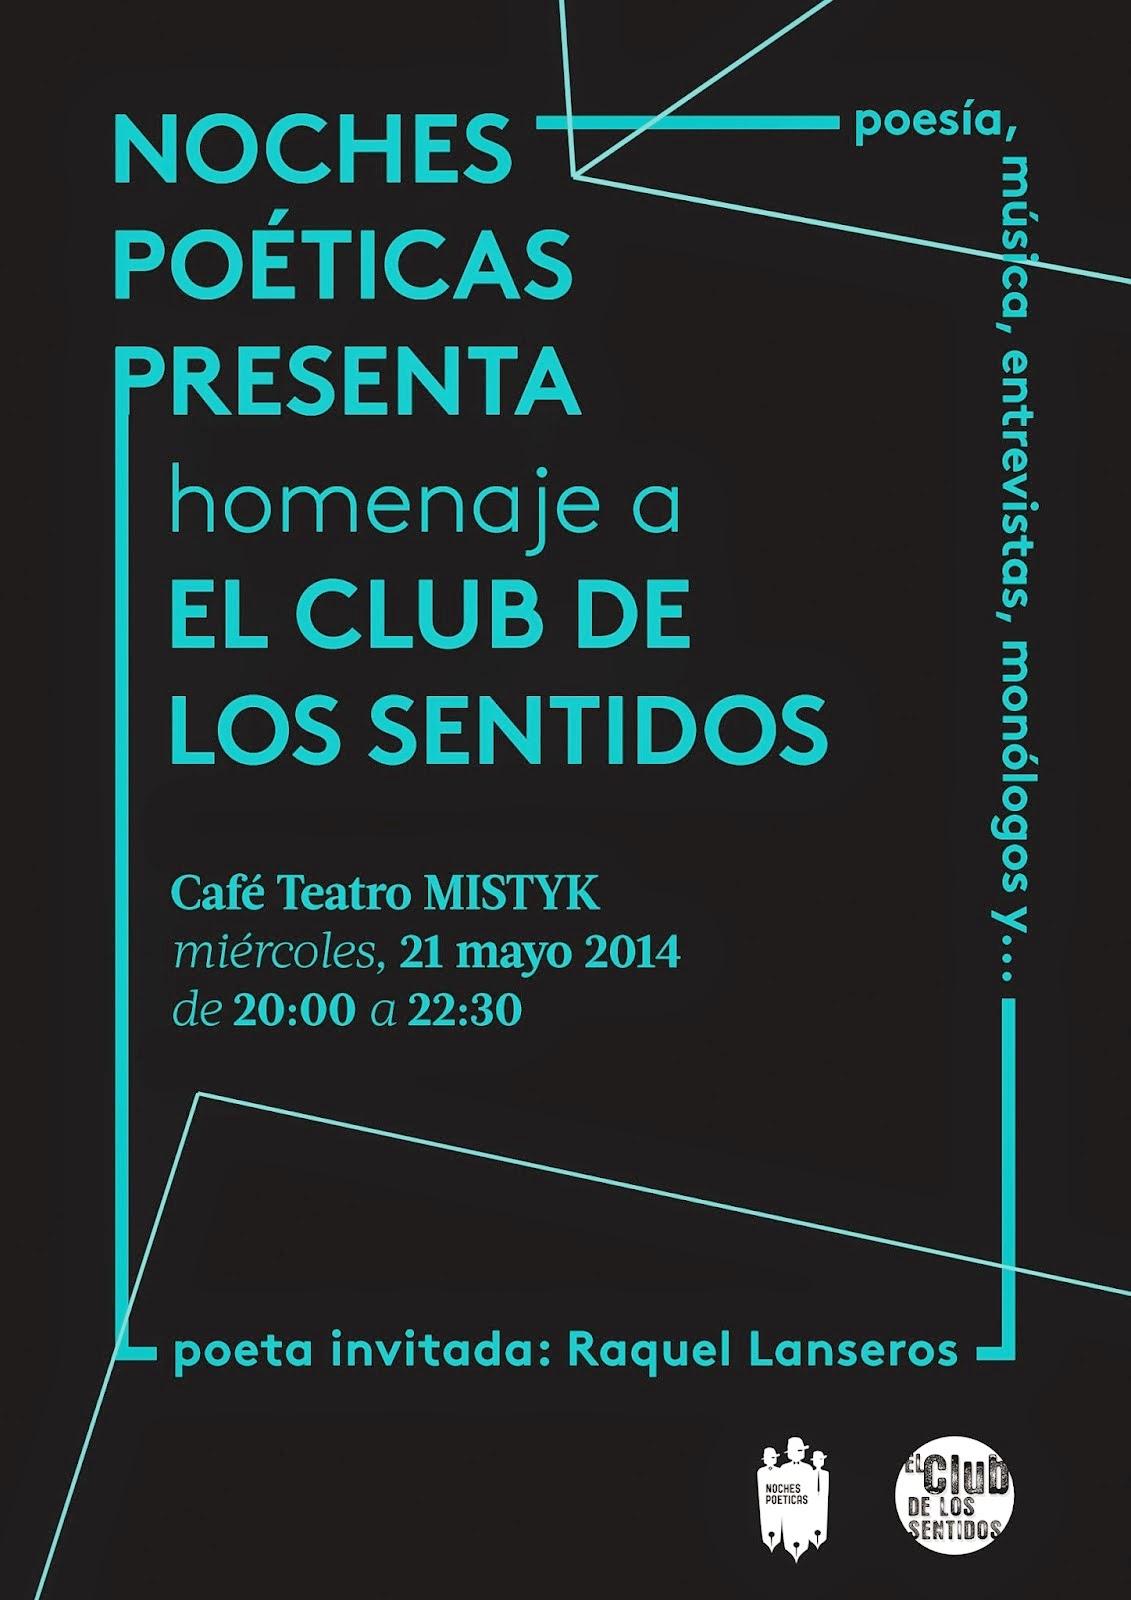 http://agenda.elcorreo.com/evento/noches-poeticas-423994.html